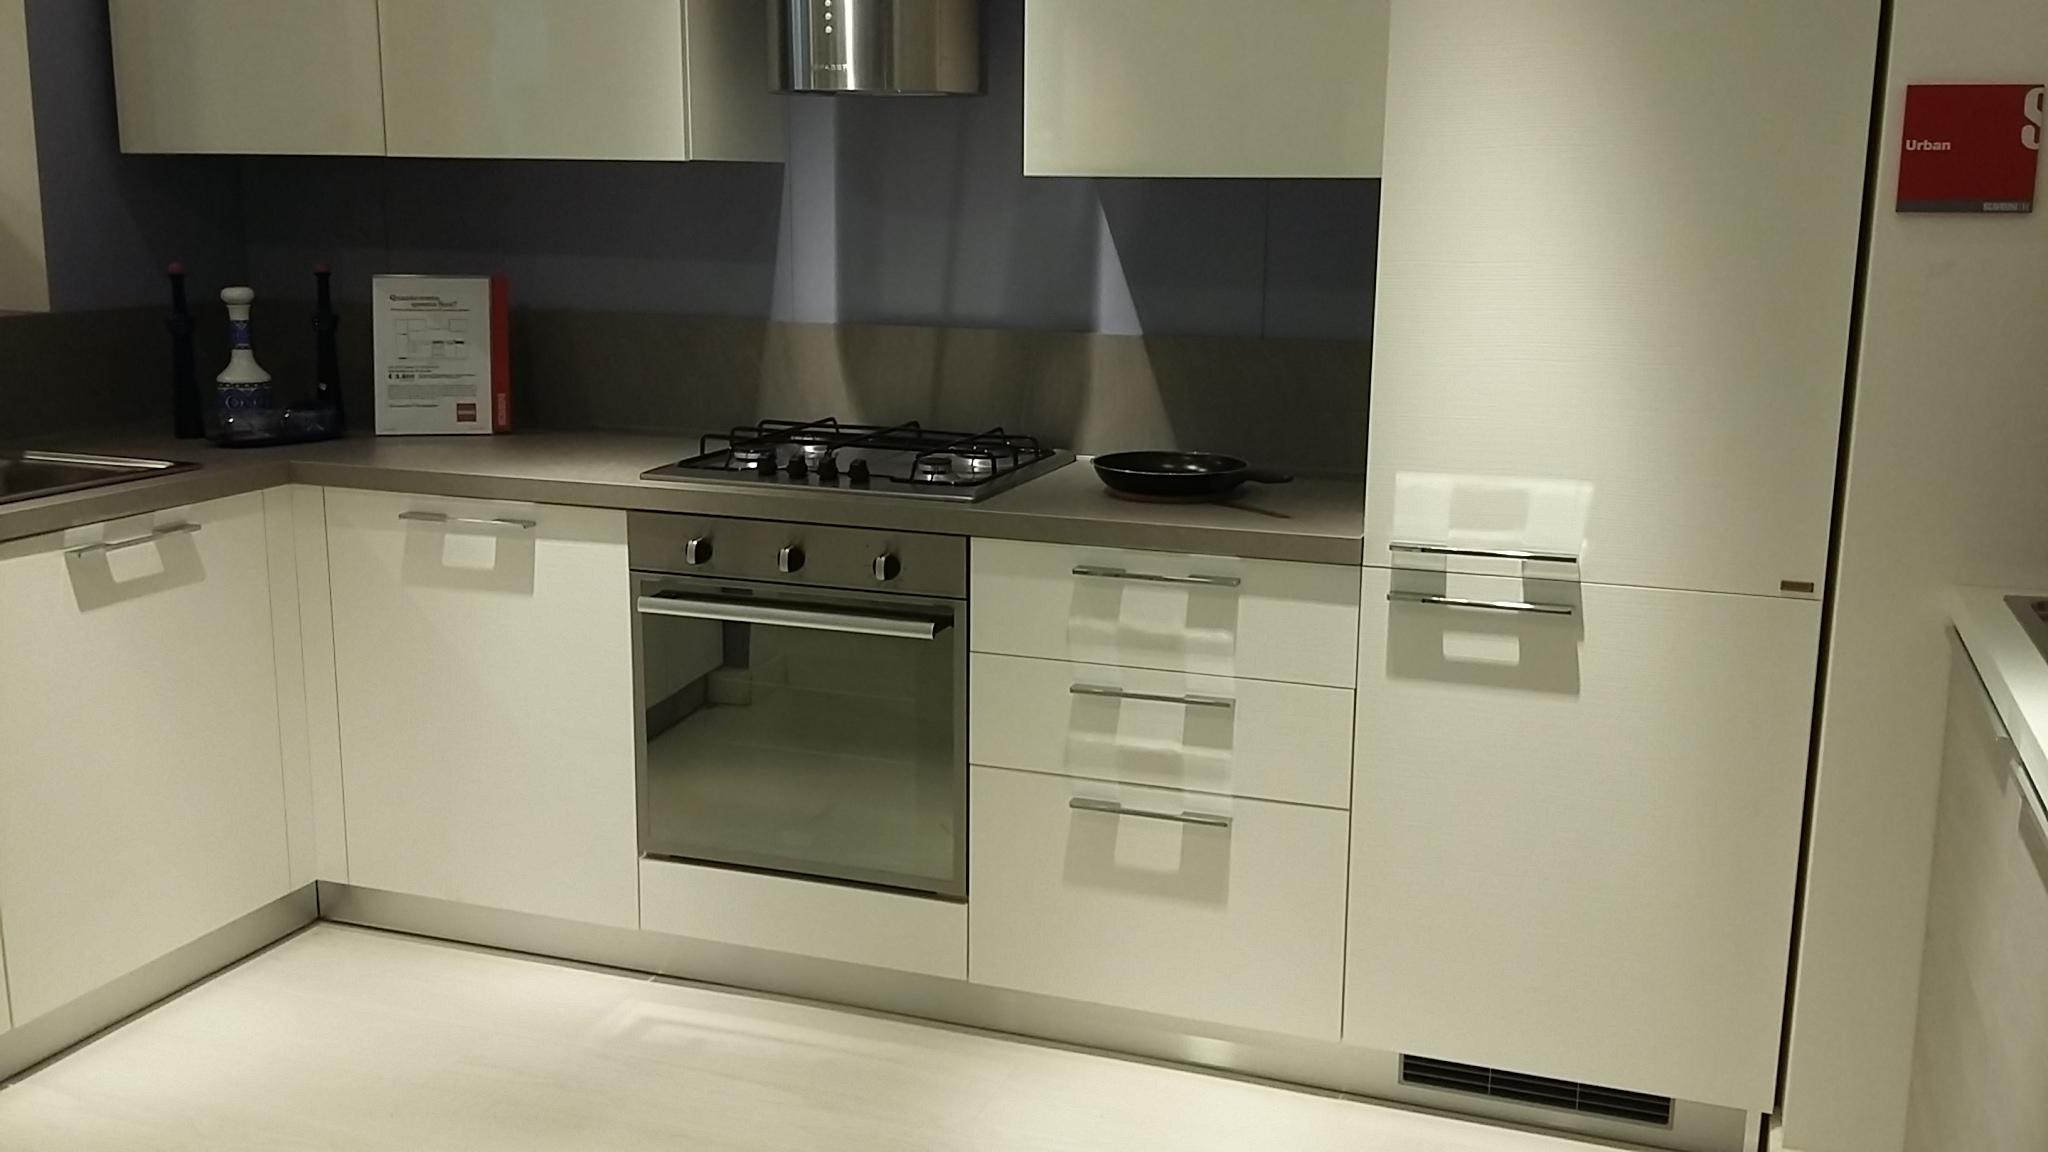 Cucina scavolini mod sax bianca cucine a prezzi scontati - Cucina scavolini sax ...